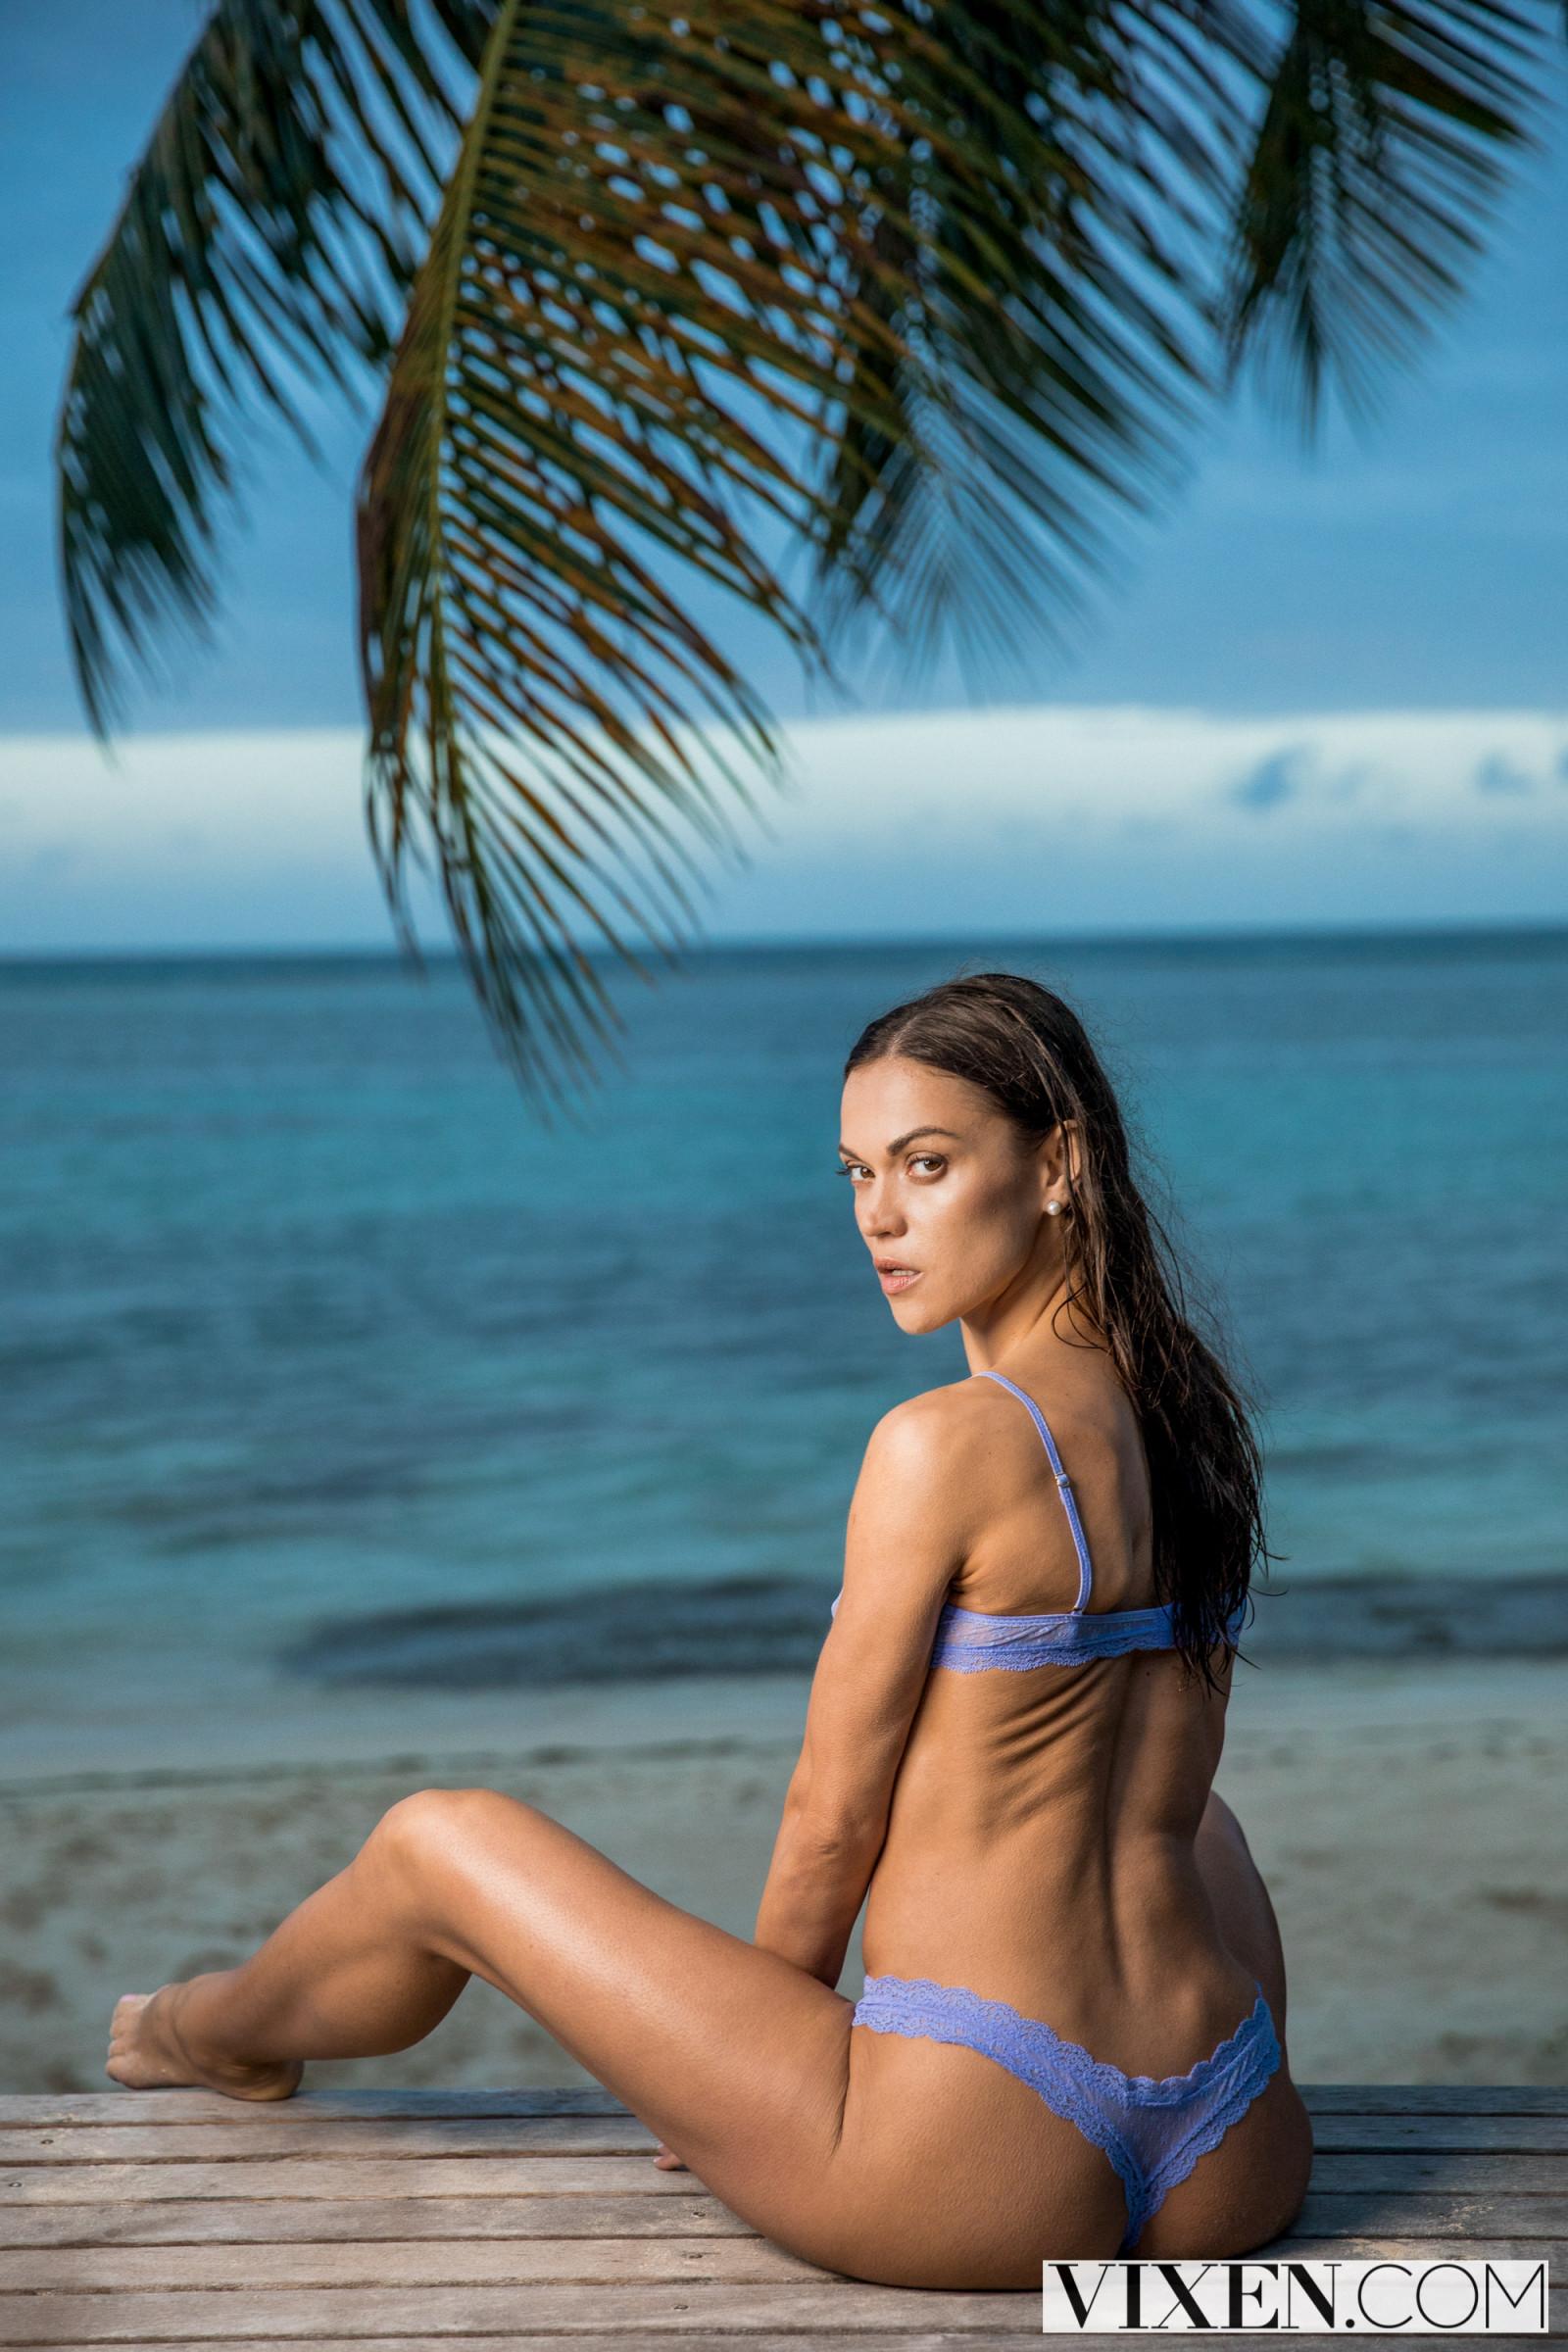 wallpaper   alyssa reece  women outdoors  women on beach